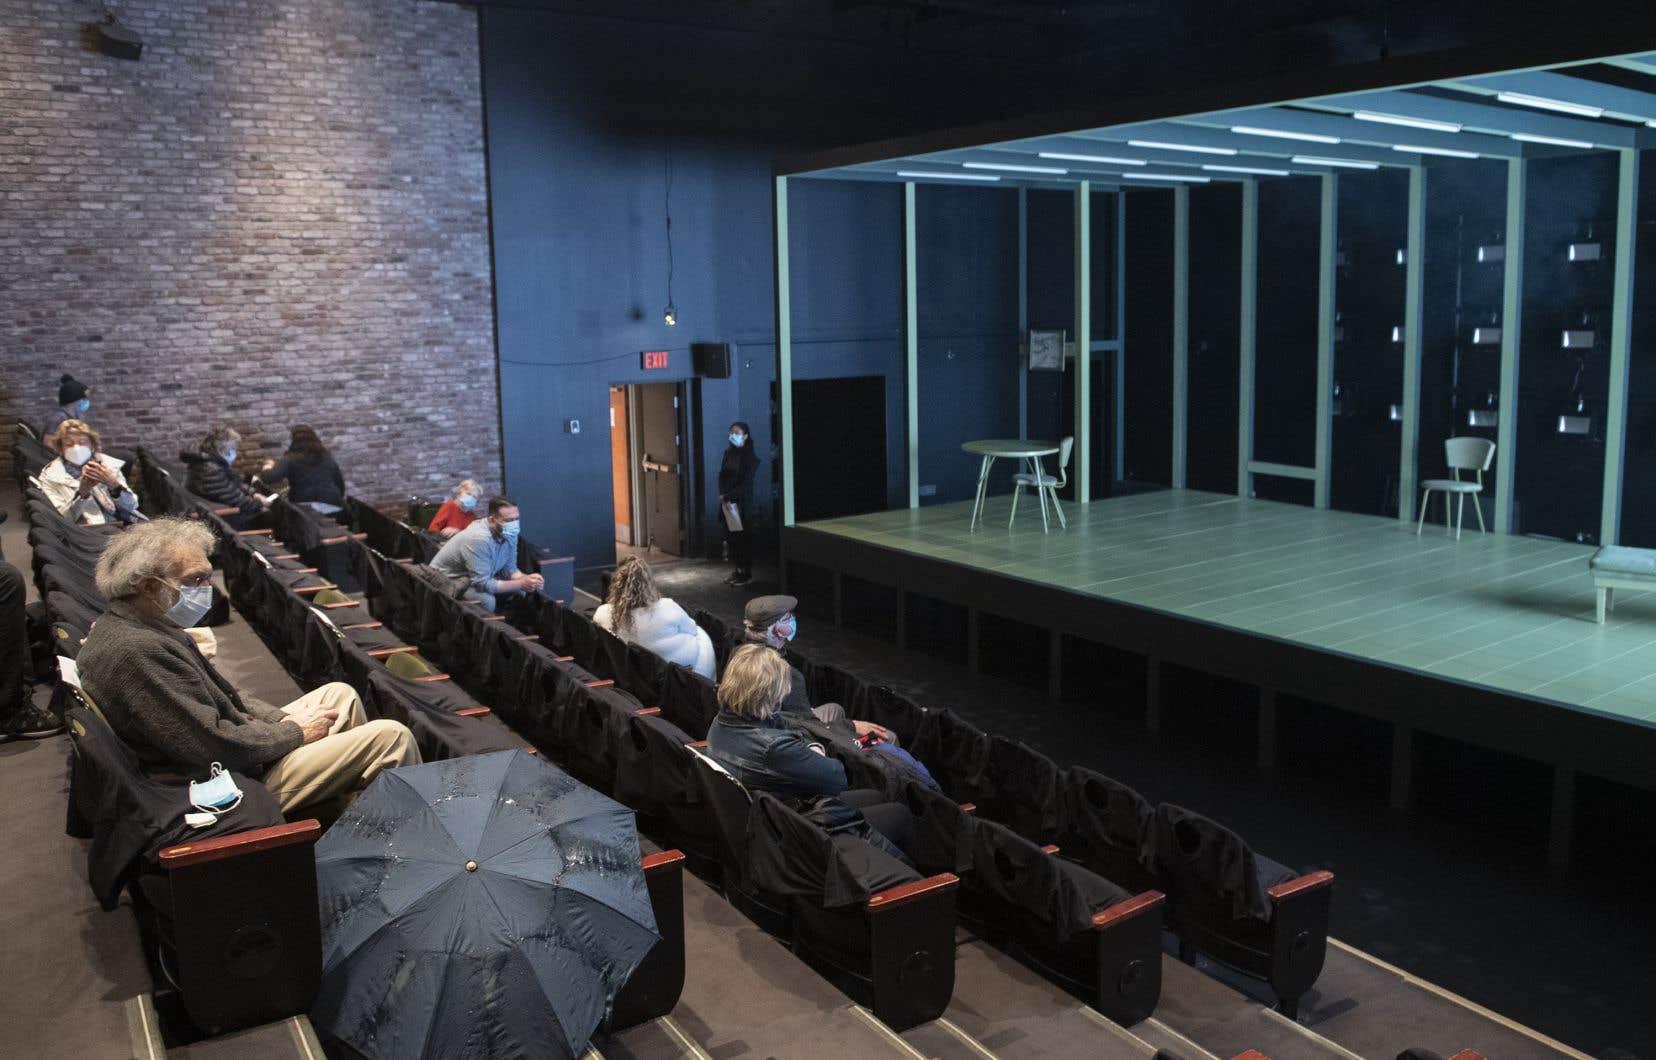 Depuis vendredi dernier, les salles peuvent rouvrir au maximum de leur capacité, mais les spectateurs ne sont pas davantage au rendez-vous.